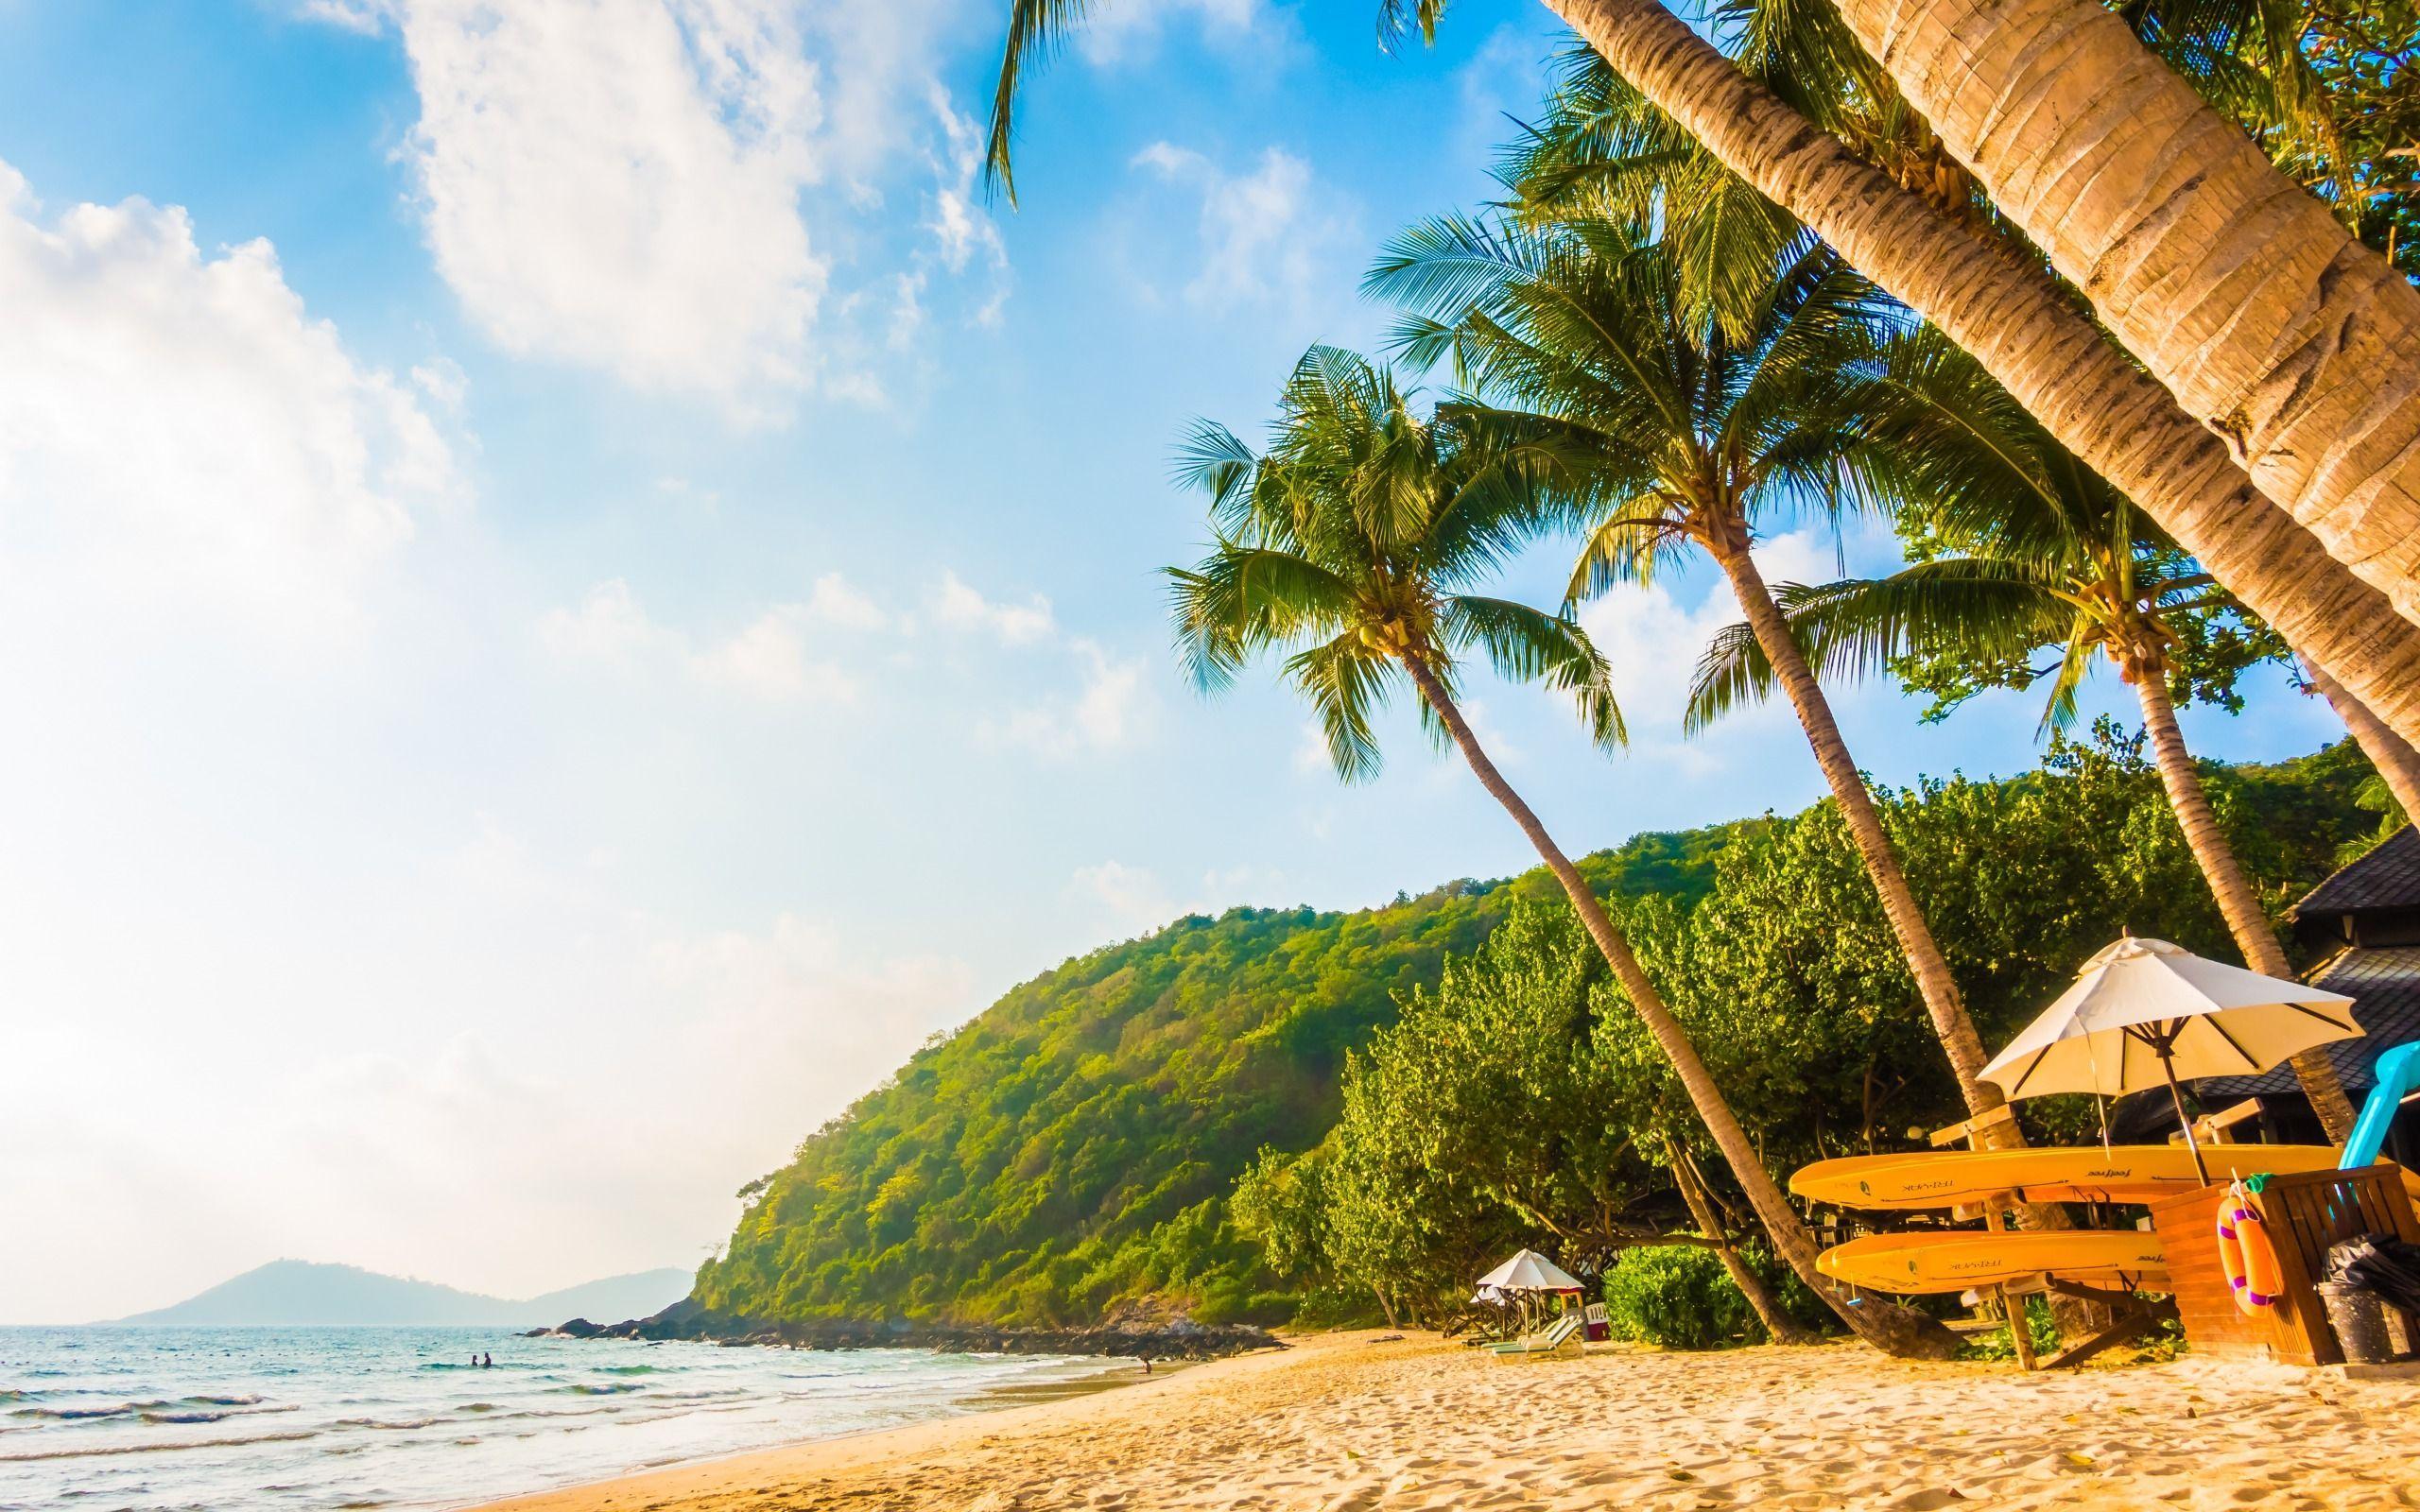 2560x1600 Tải xuống hình nền hòn đảo nhiệt đới, bãi biển, hoàng hôn, tối, rừng nhiệt đới, bờ biển, du lịch mùa hè cho máy tính để bàn với độ phân giải 2560x1600.  Hình nền hình ảnh HD chất lượng cao